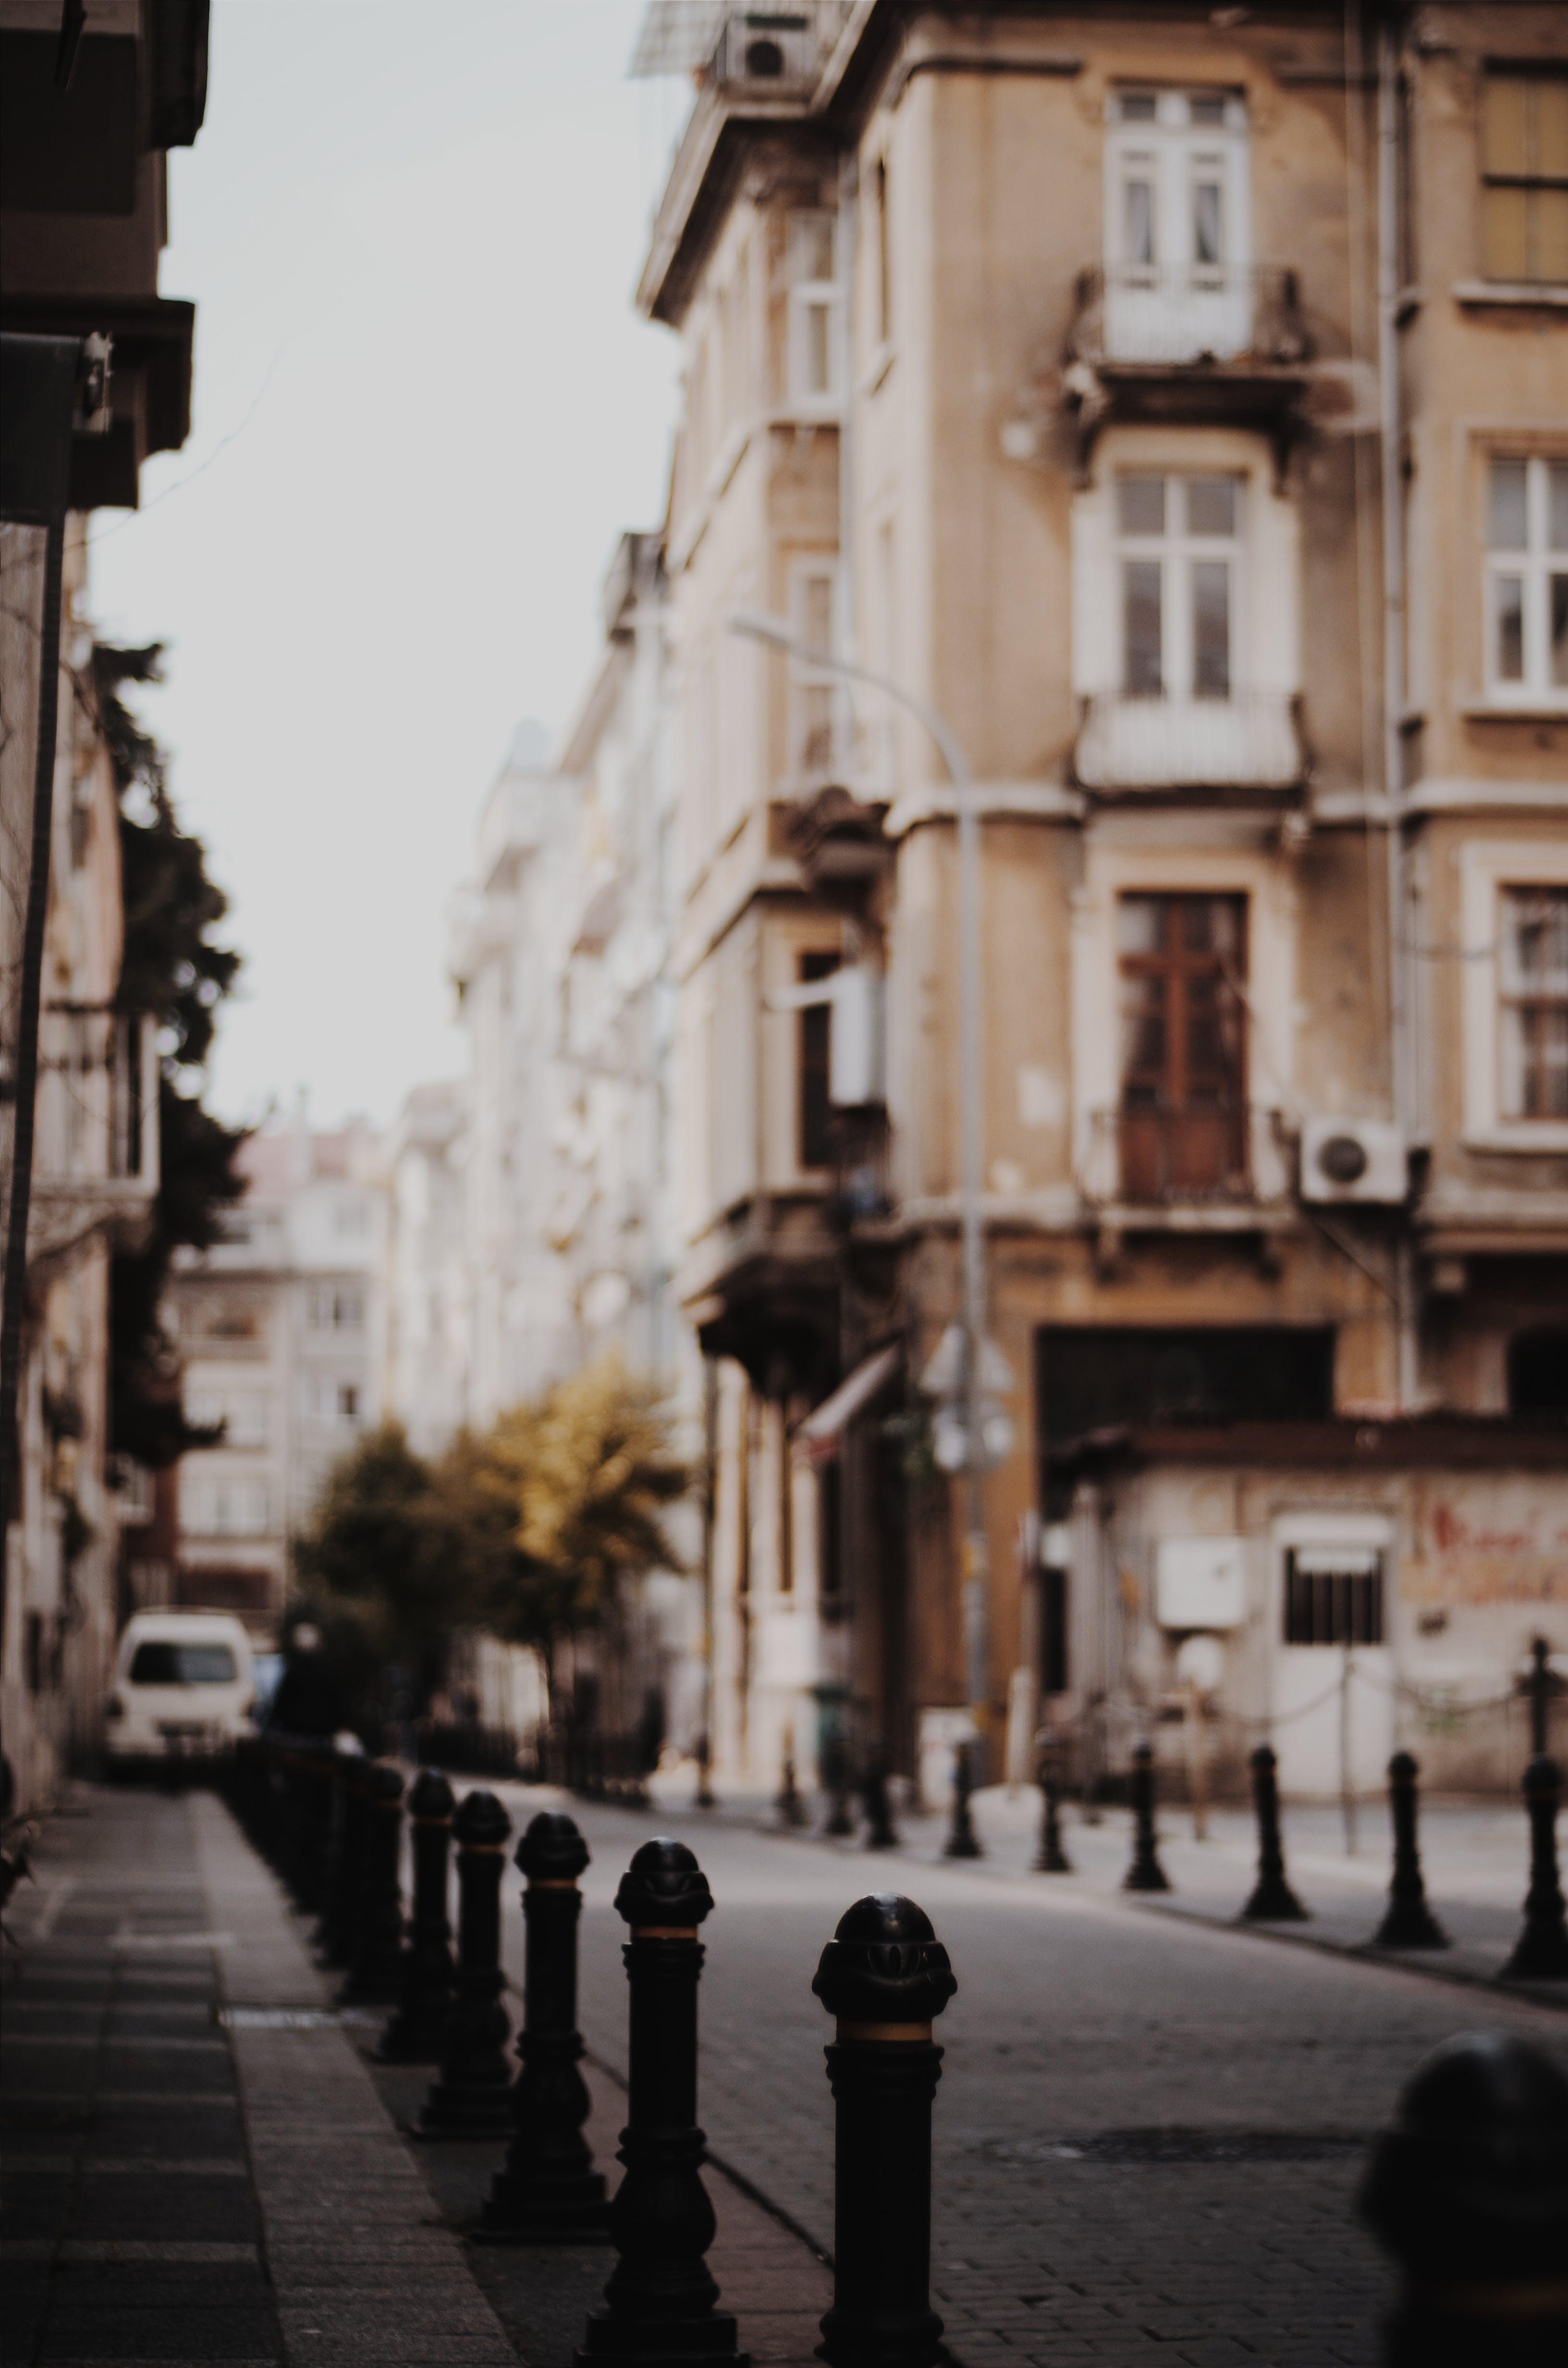 açık hava, arka sokak, Arnavut kaldırımlı sokak, bağbozumu içeren Ücretsiz stok fotoğraf